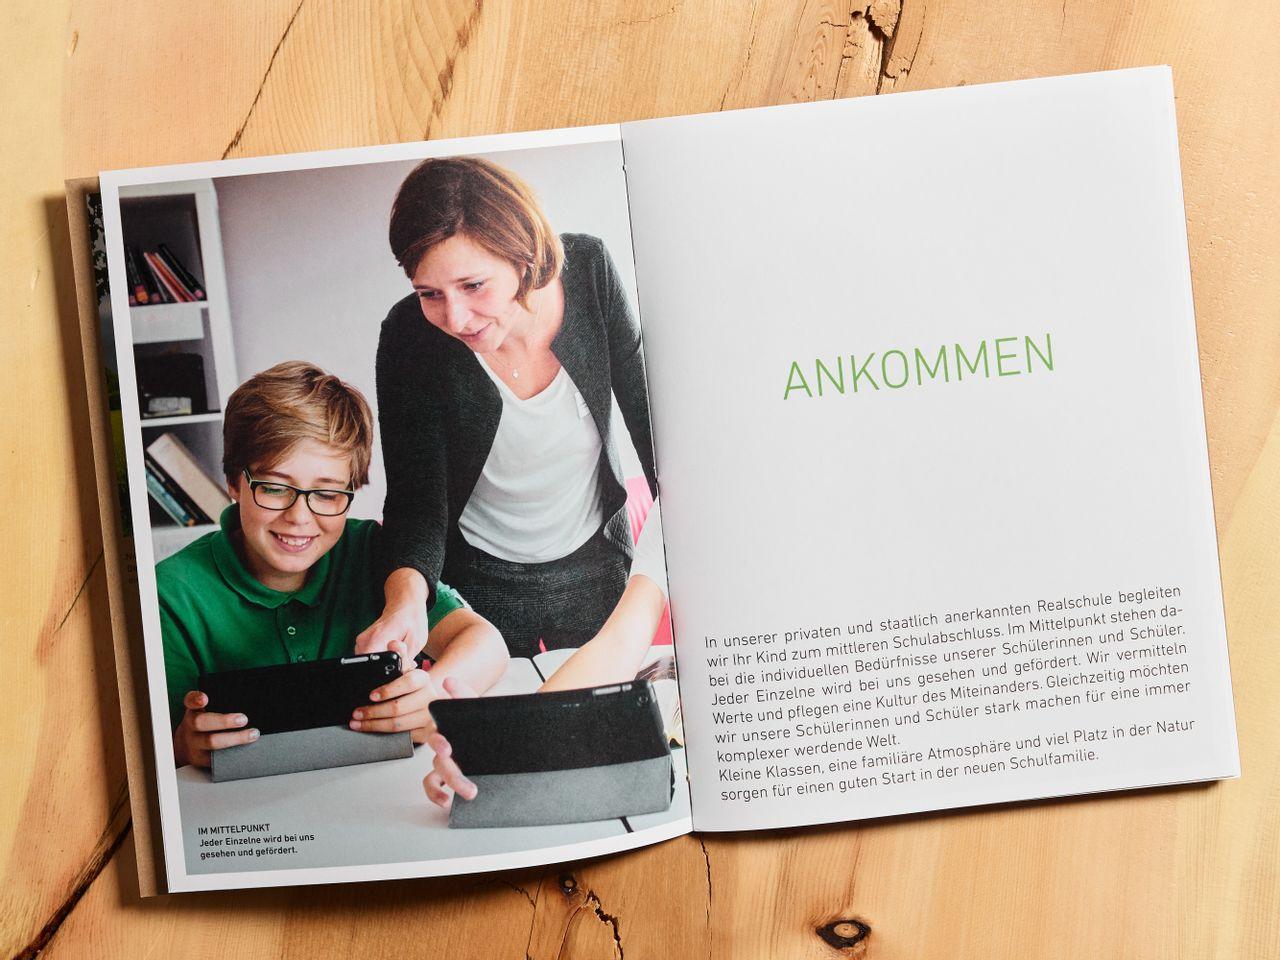 Gut Warnberg - School, Studio Umlaut